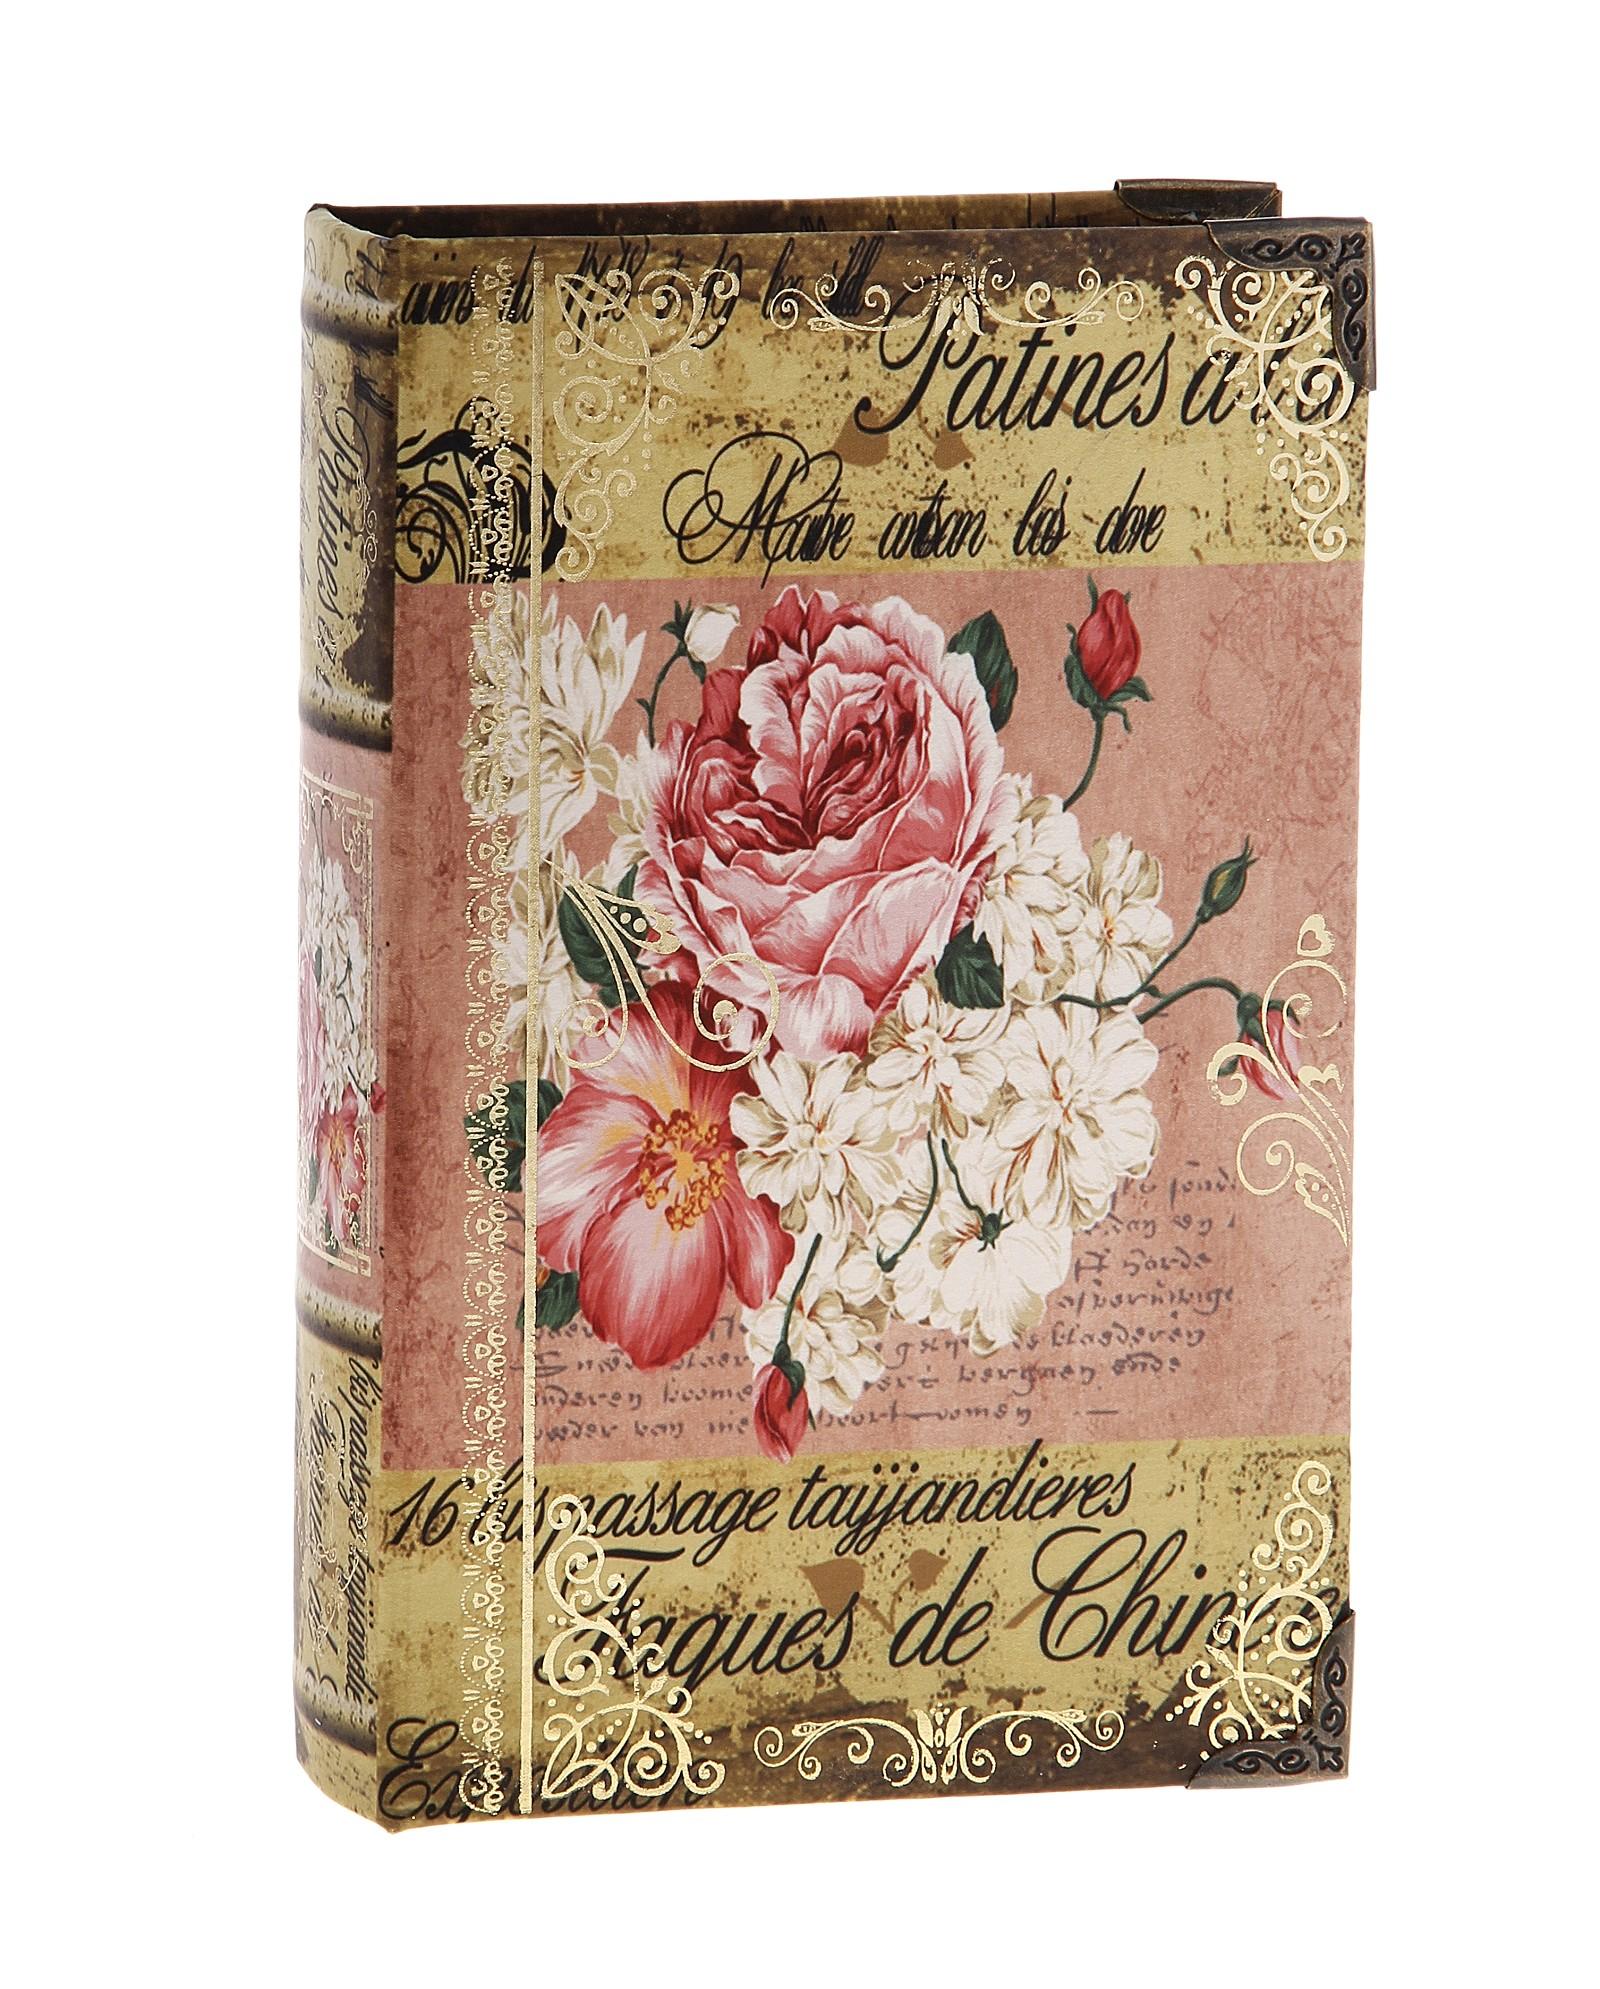 Шкатулка-книга Поэма о цветахRG-D31SОригинальное оформление шкатулки, несомненно, привлечет внимание. Шкатулка выполнена в виде книги, поверхность которой изготовлена из шёлка и оформлена изображением прекрасной цветочной композиции. Такая шкатулка может использоваться для хранения бижутерии, в качестве украшения интерьера, а также послужит хорошим подарком для человека, ценящего практичные и оригинальные вещицы. Характеристики:Материал: дерево, шёлк, металл. Размер шкатулки (в закрытом виде): 24 см х 16 см х 5 см. Размер упаковки: 24,5 см х 16 см х 5 см. Артикул: 680711.